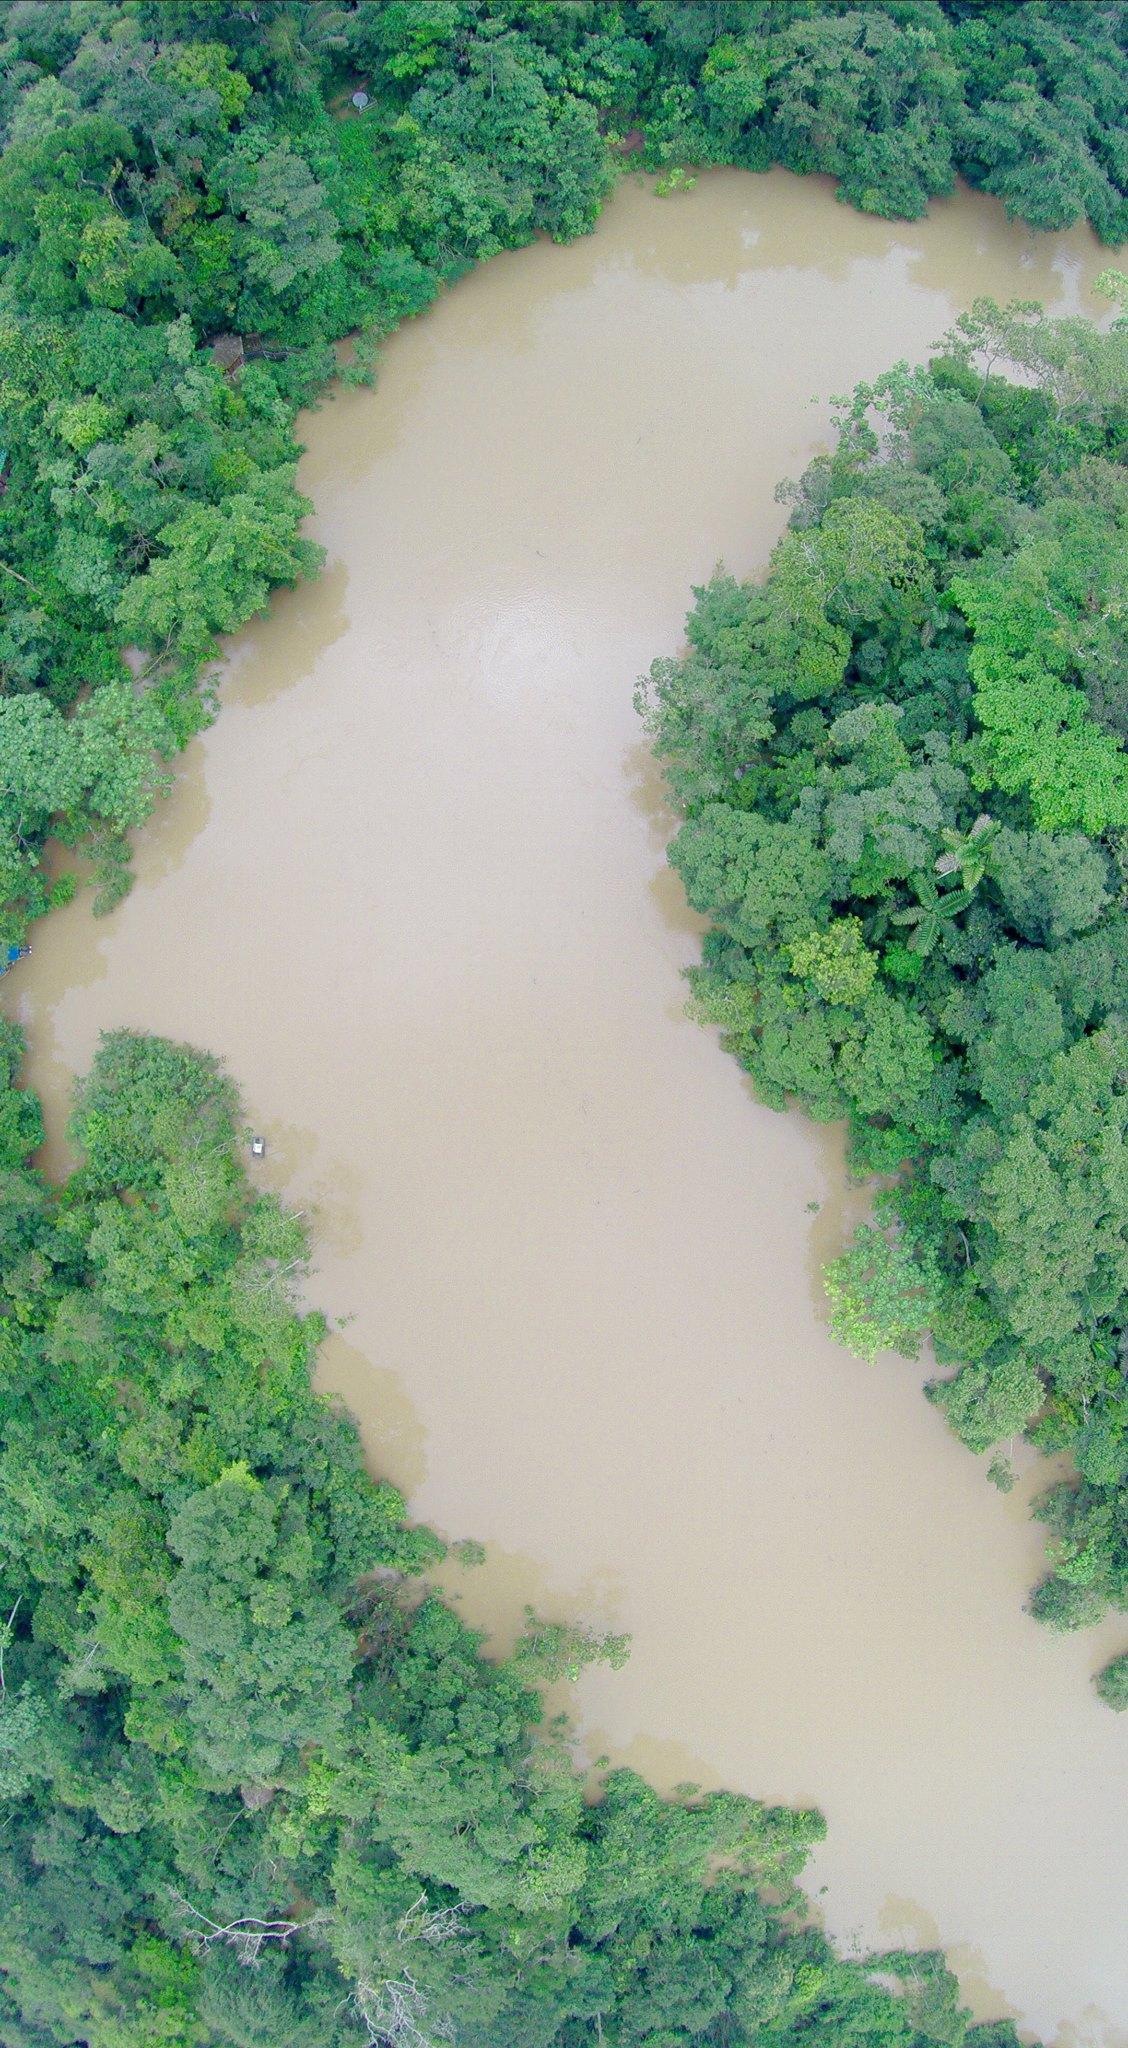 Os drones pode ser úteis para monitoramento de ambientes terrestres e aquáticos na Amazônia, diz Diego Mosquera.